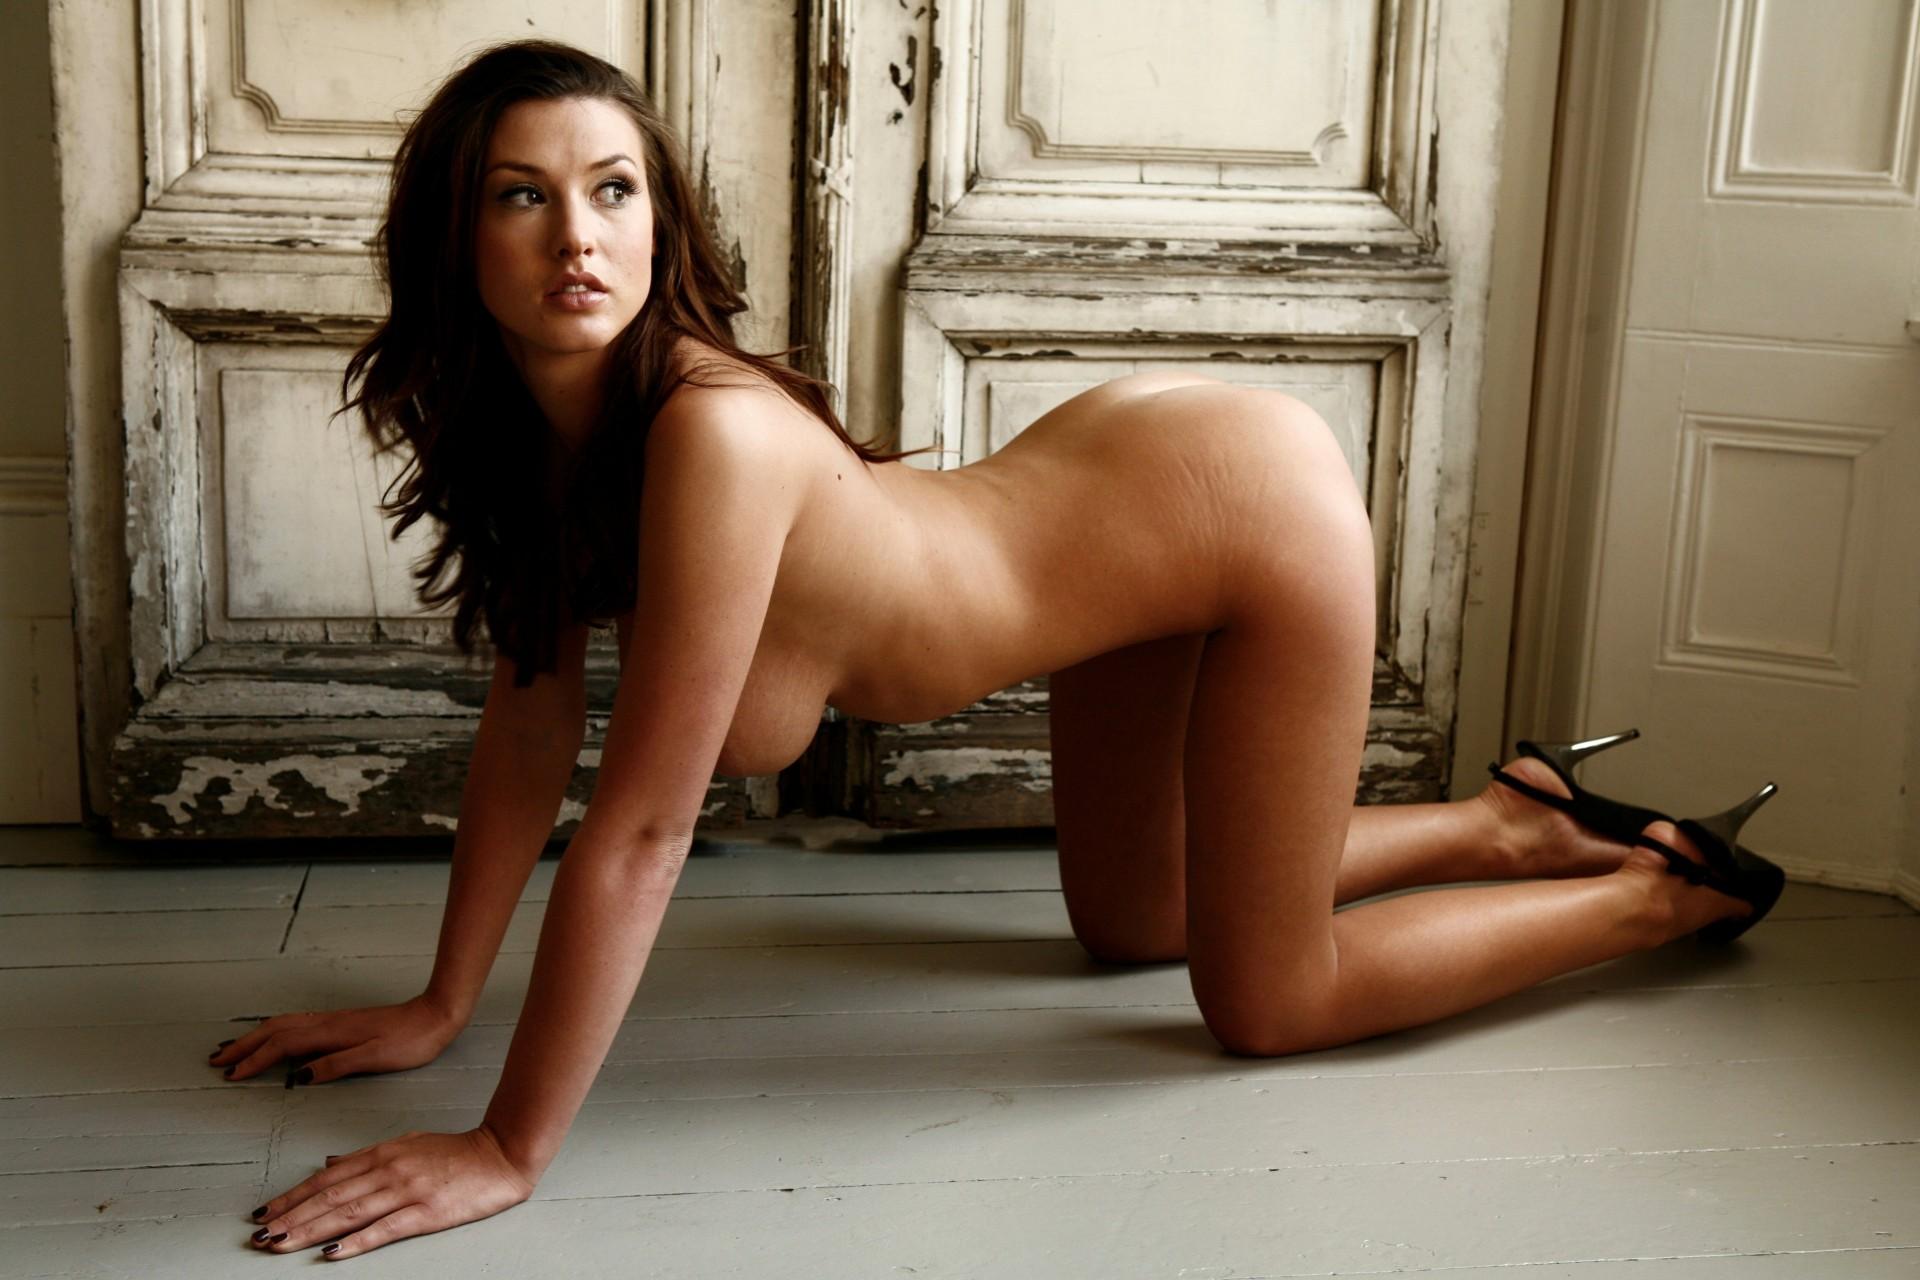 сауне отшлепал фото эротическое актрисы шесть